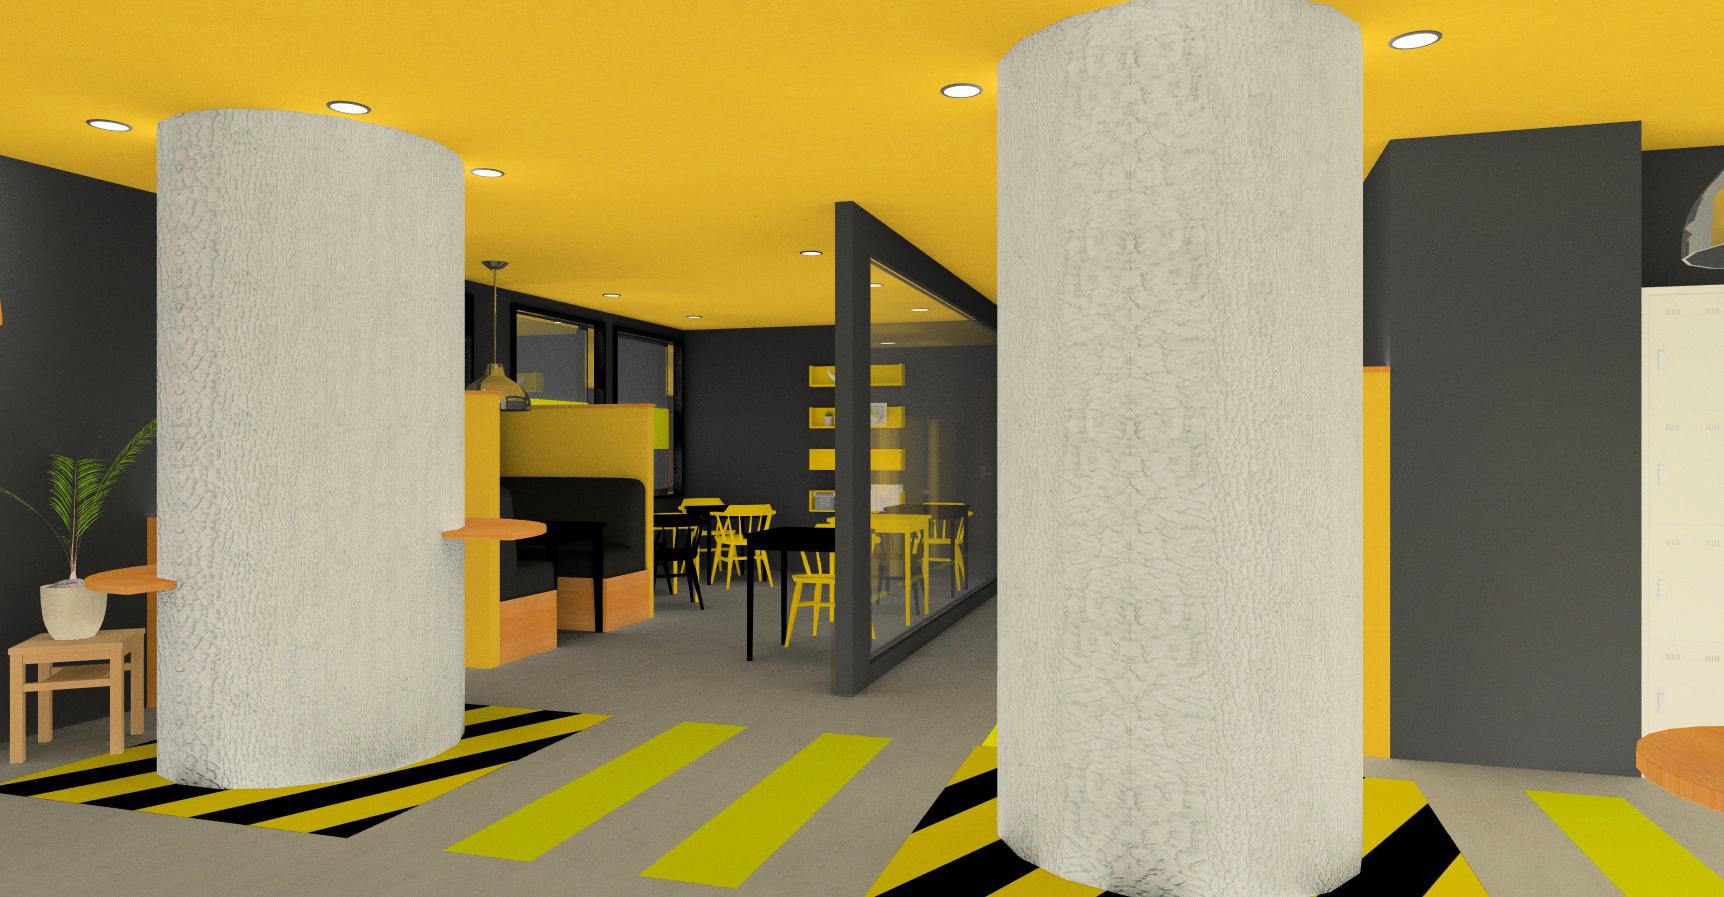 黒と黄色を基調としたコンセプトはモダンビンテージスタイル!※イメージです